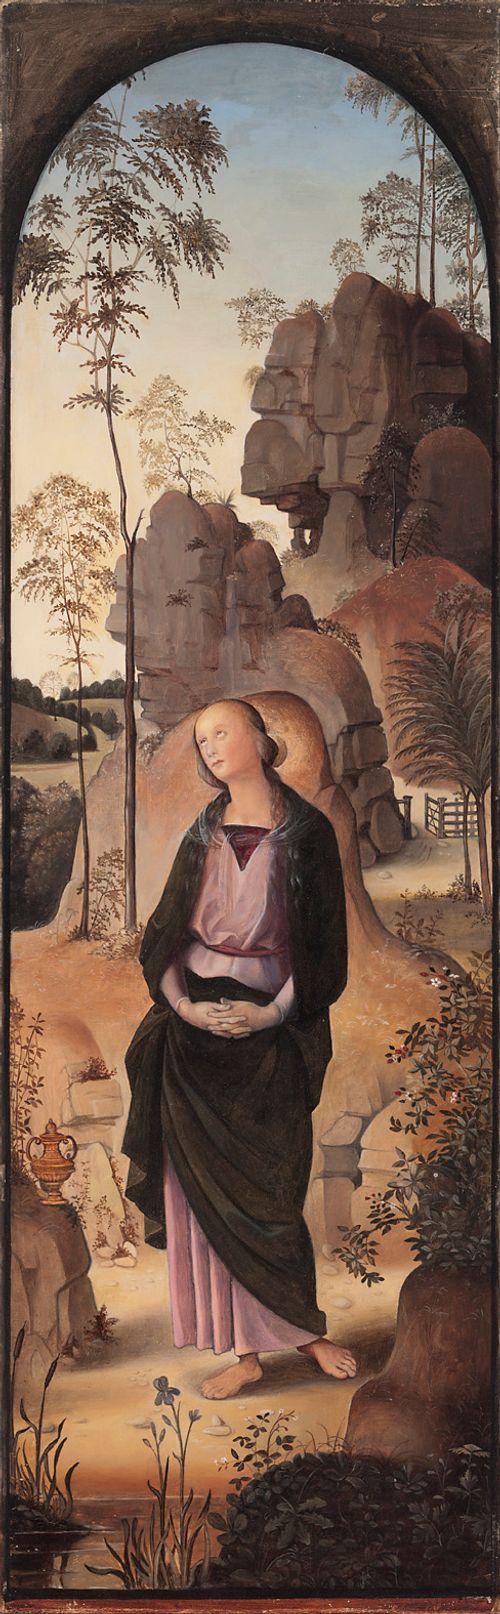 Maria Magdalena, kopio Peruginon triptyykin Ristiinnaulitseminen oikeasta siivestä